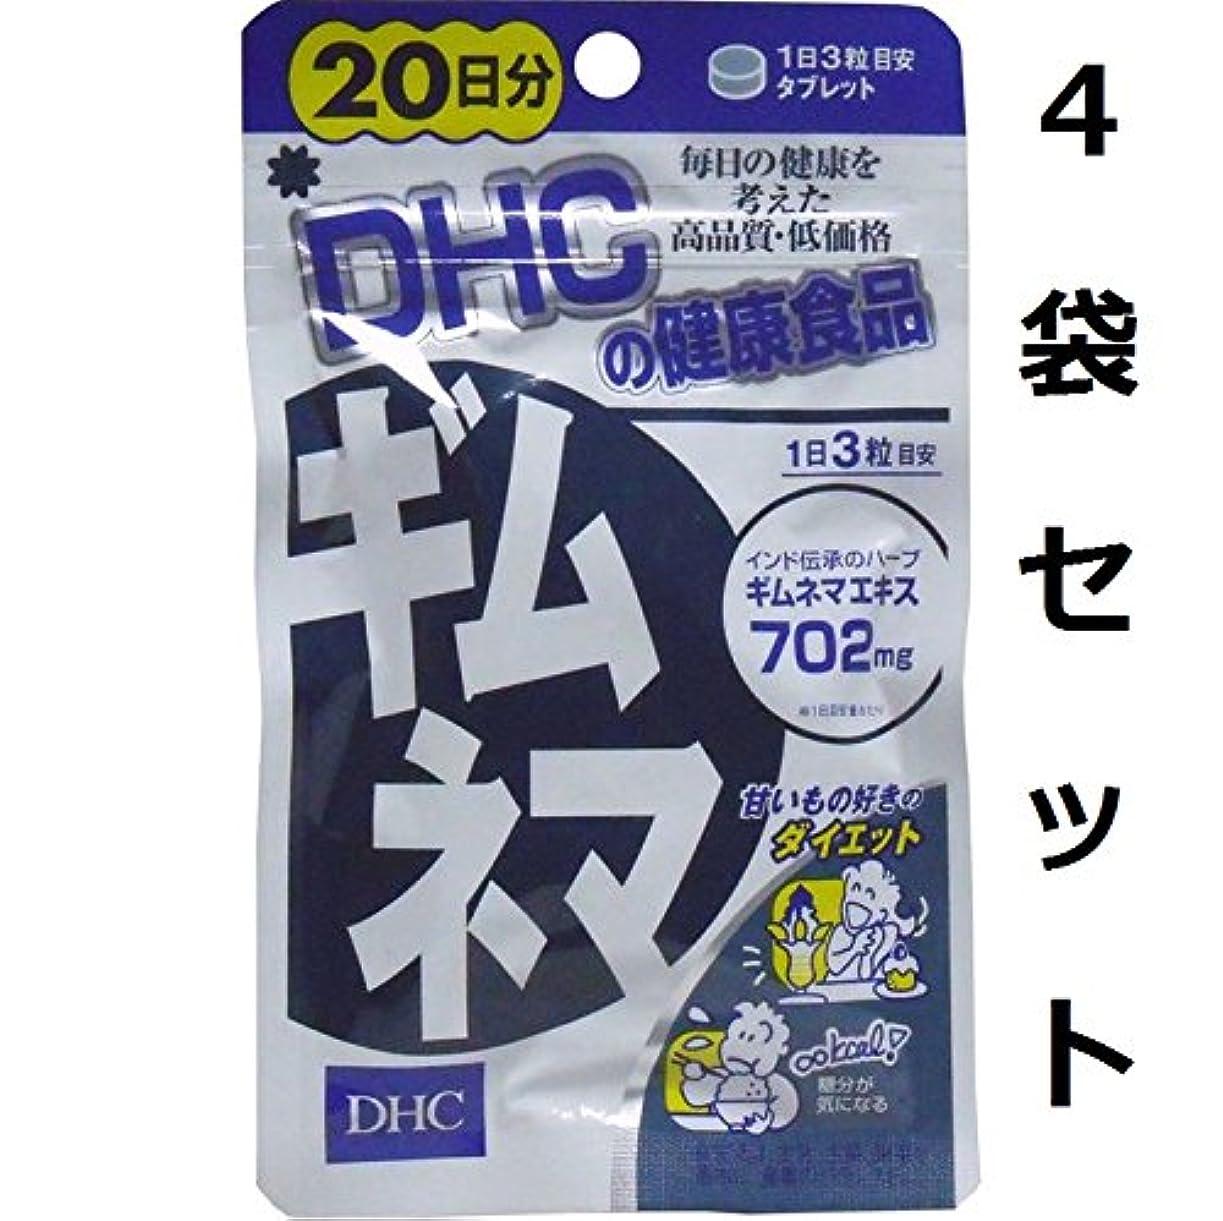 食用植生注入我慢せずに余分な糖分をブロック DHC ギムネマ 20日分 60粒 4袋セット